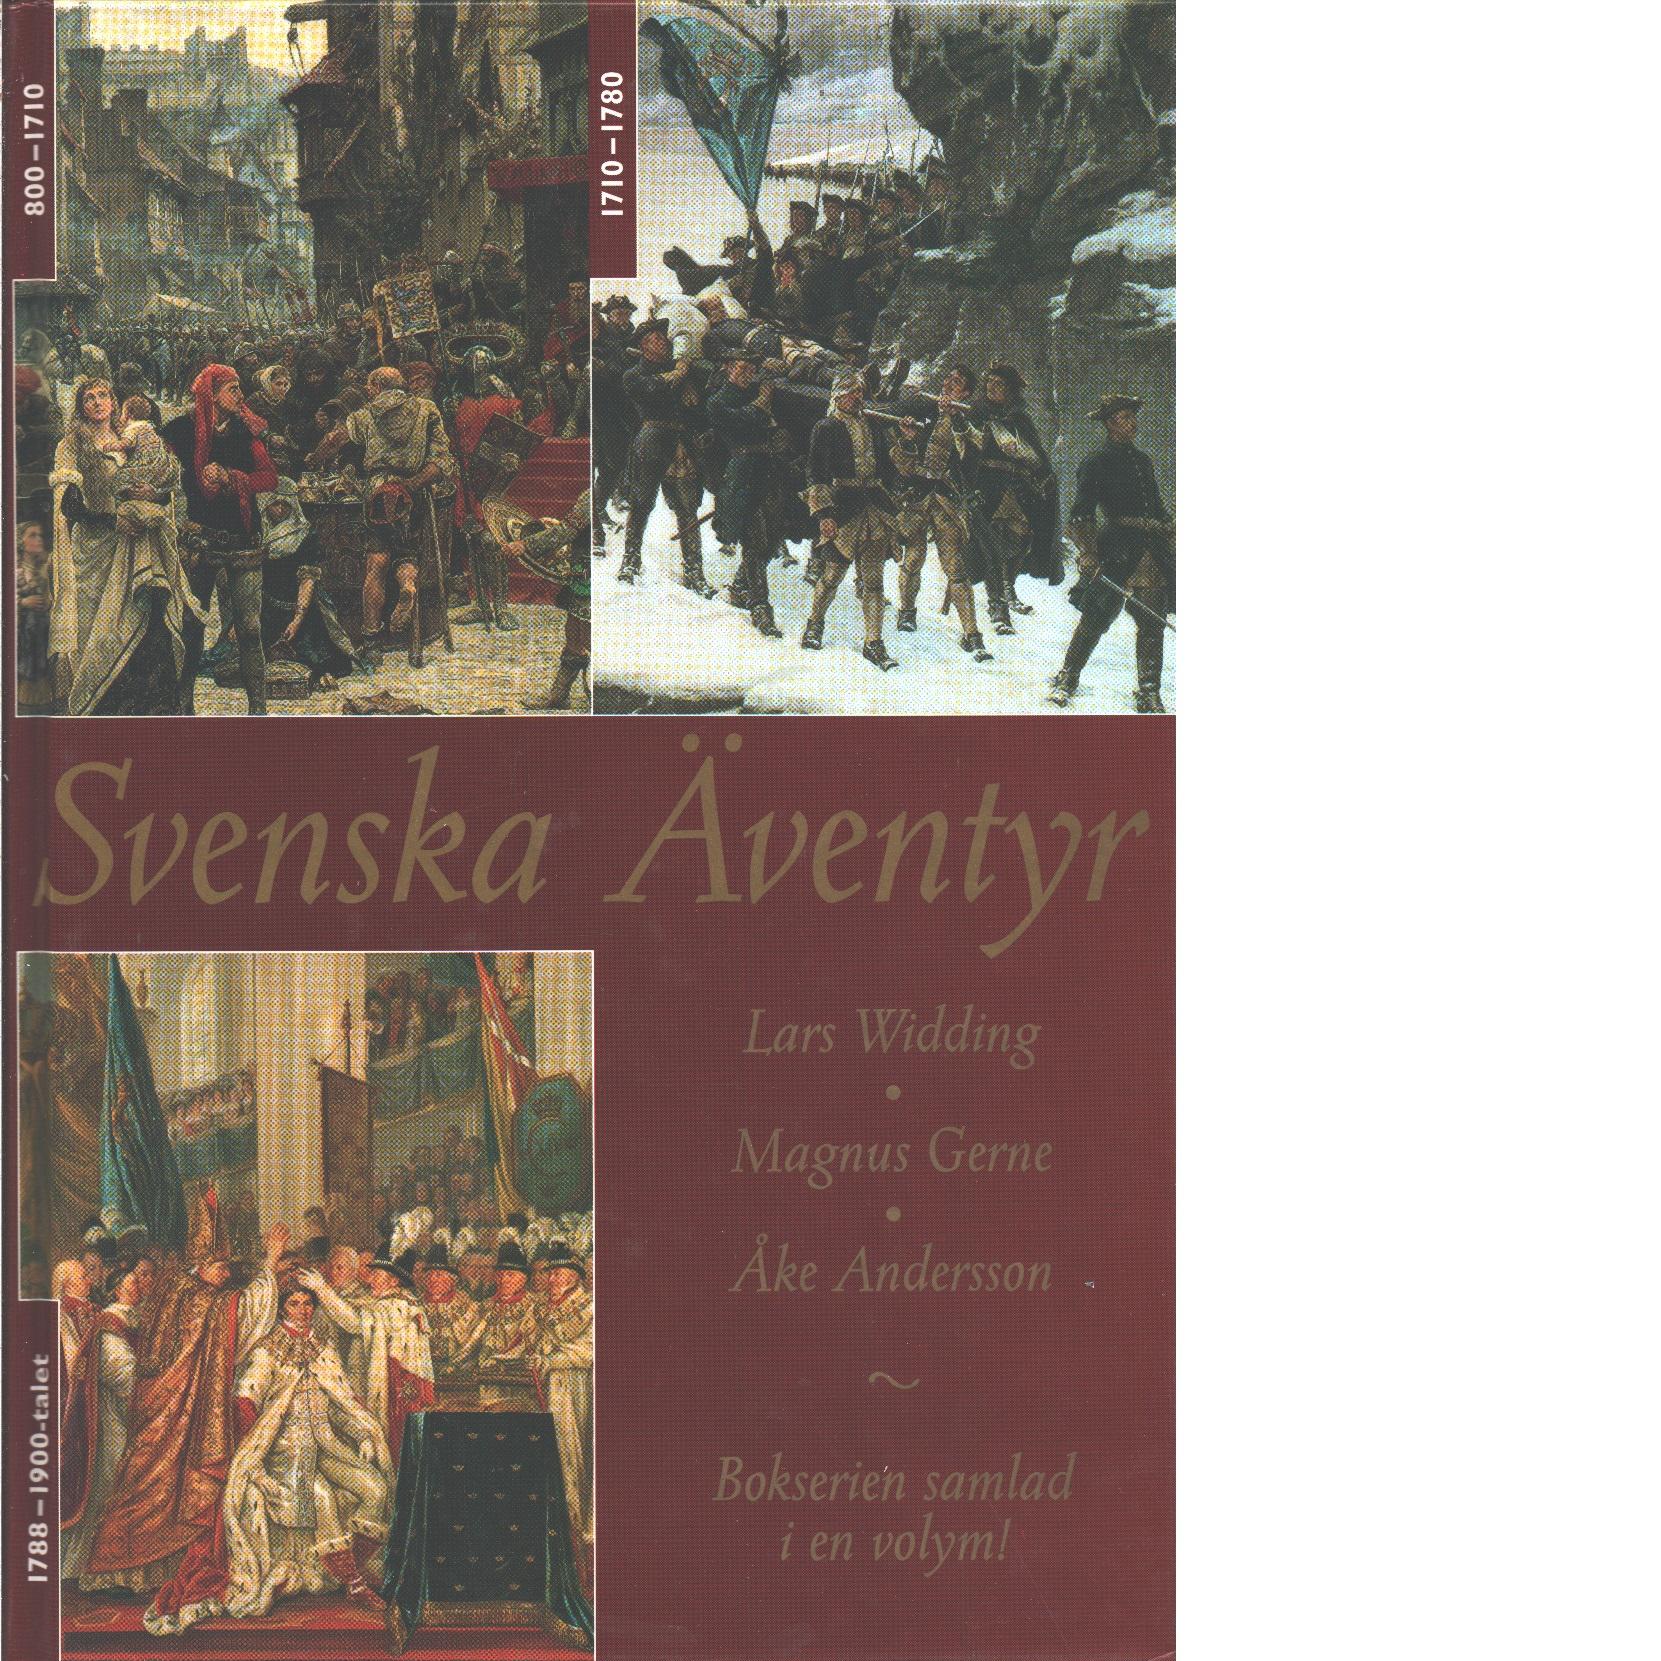 Svenska äventyr 800-1900-talet - Widding, Lars och Gerne, Magnus, samt Andersson, Åke